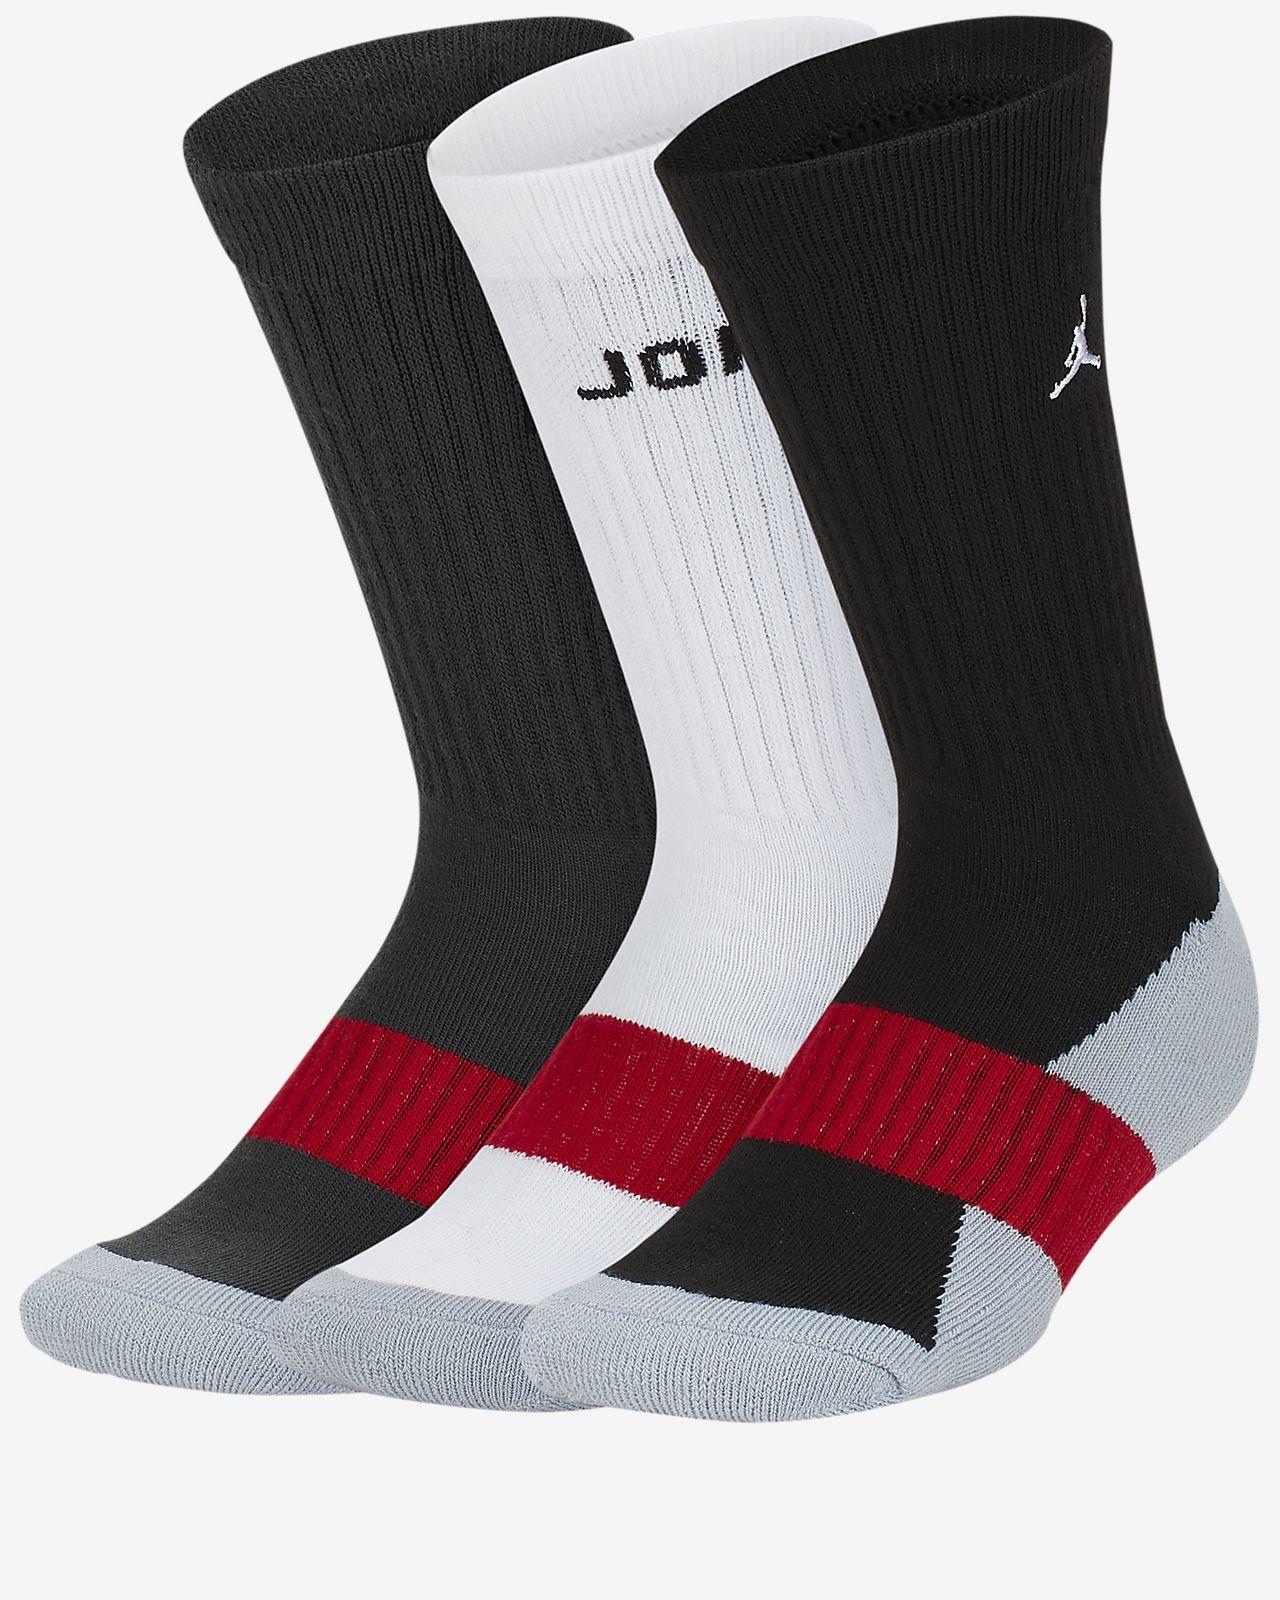 Chaussettes mi-mollet avec amorti Jordan pour Garçon plus âgé (3 paires)